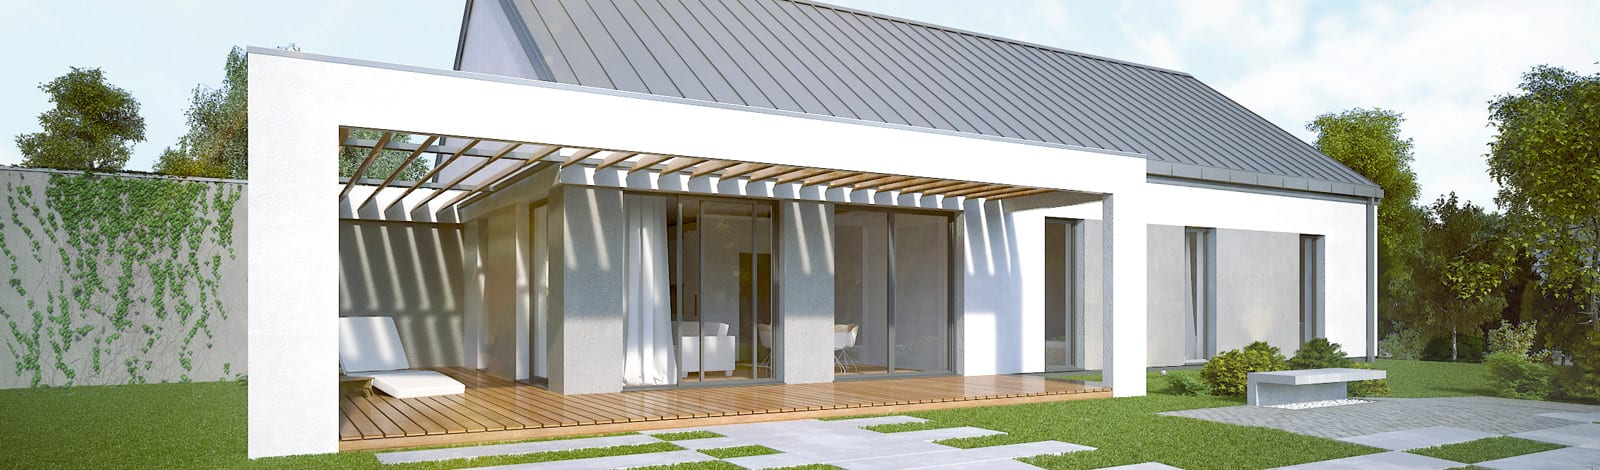 Hexa Green Projekty domów pasywnych